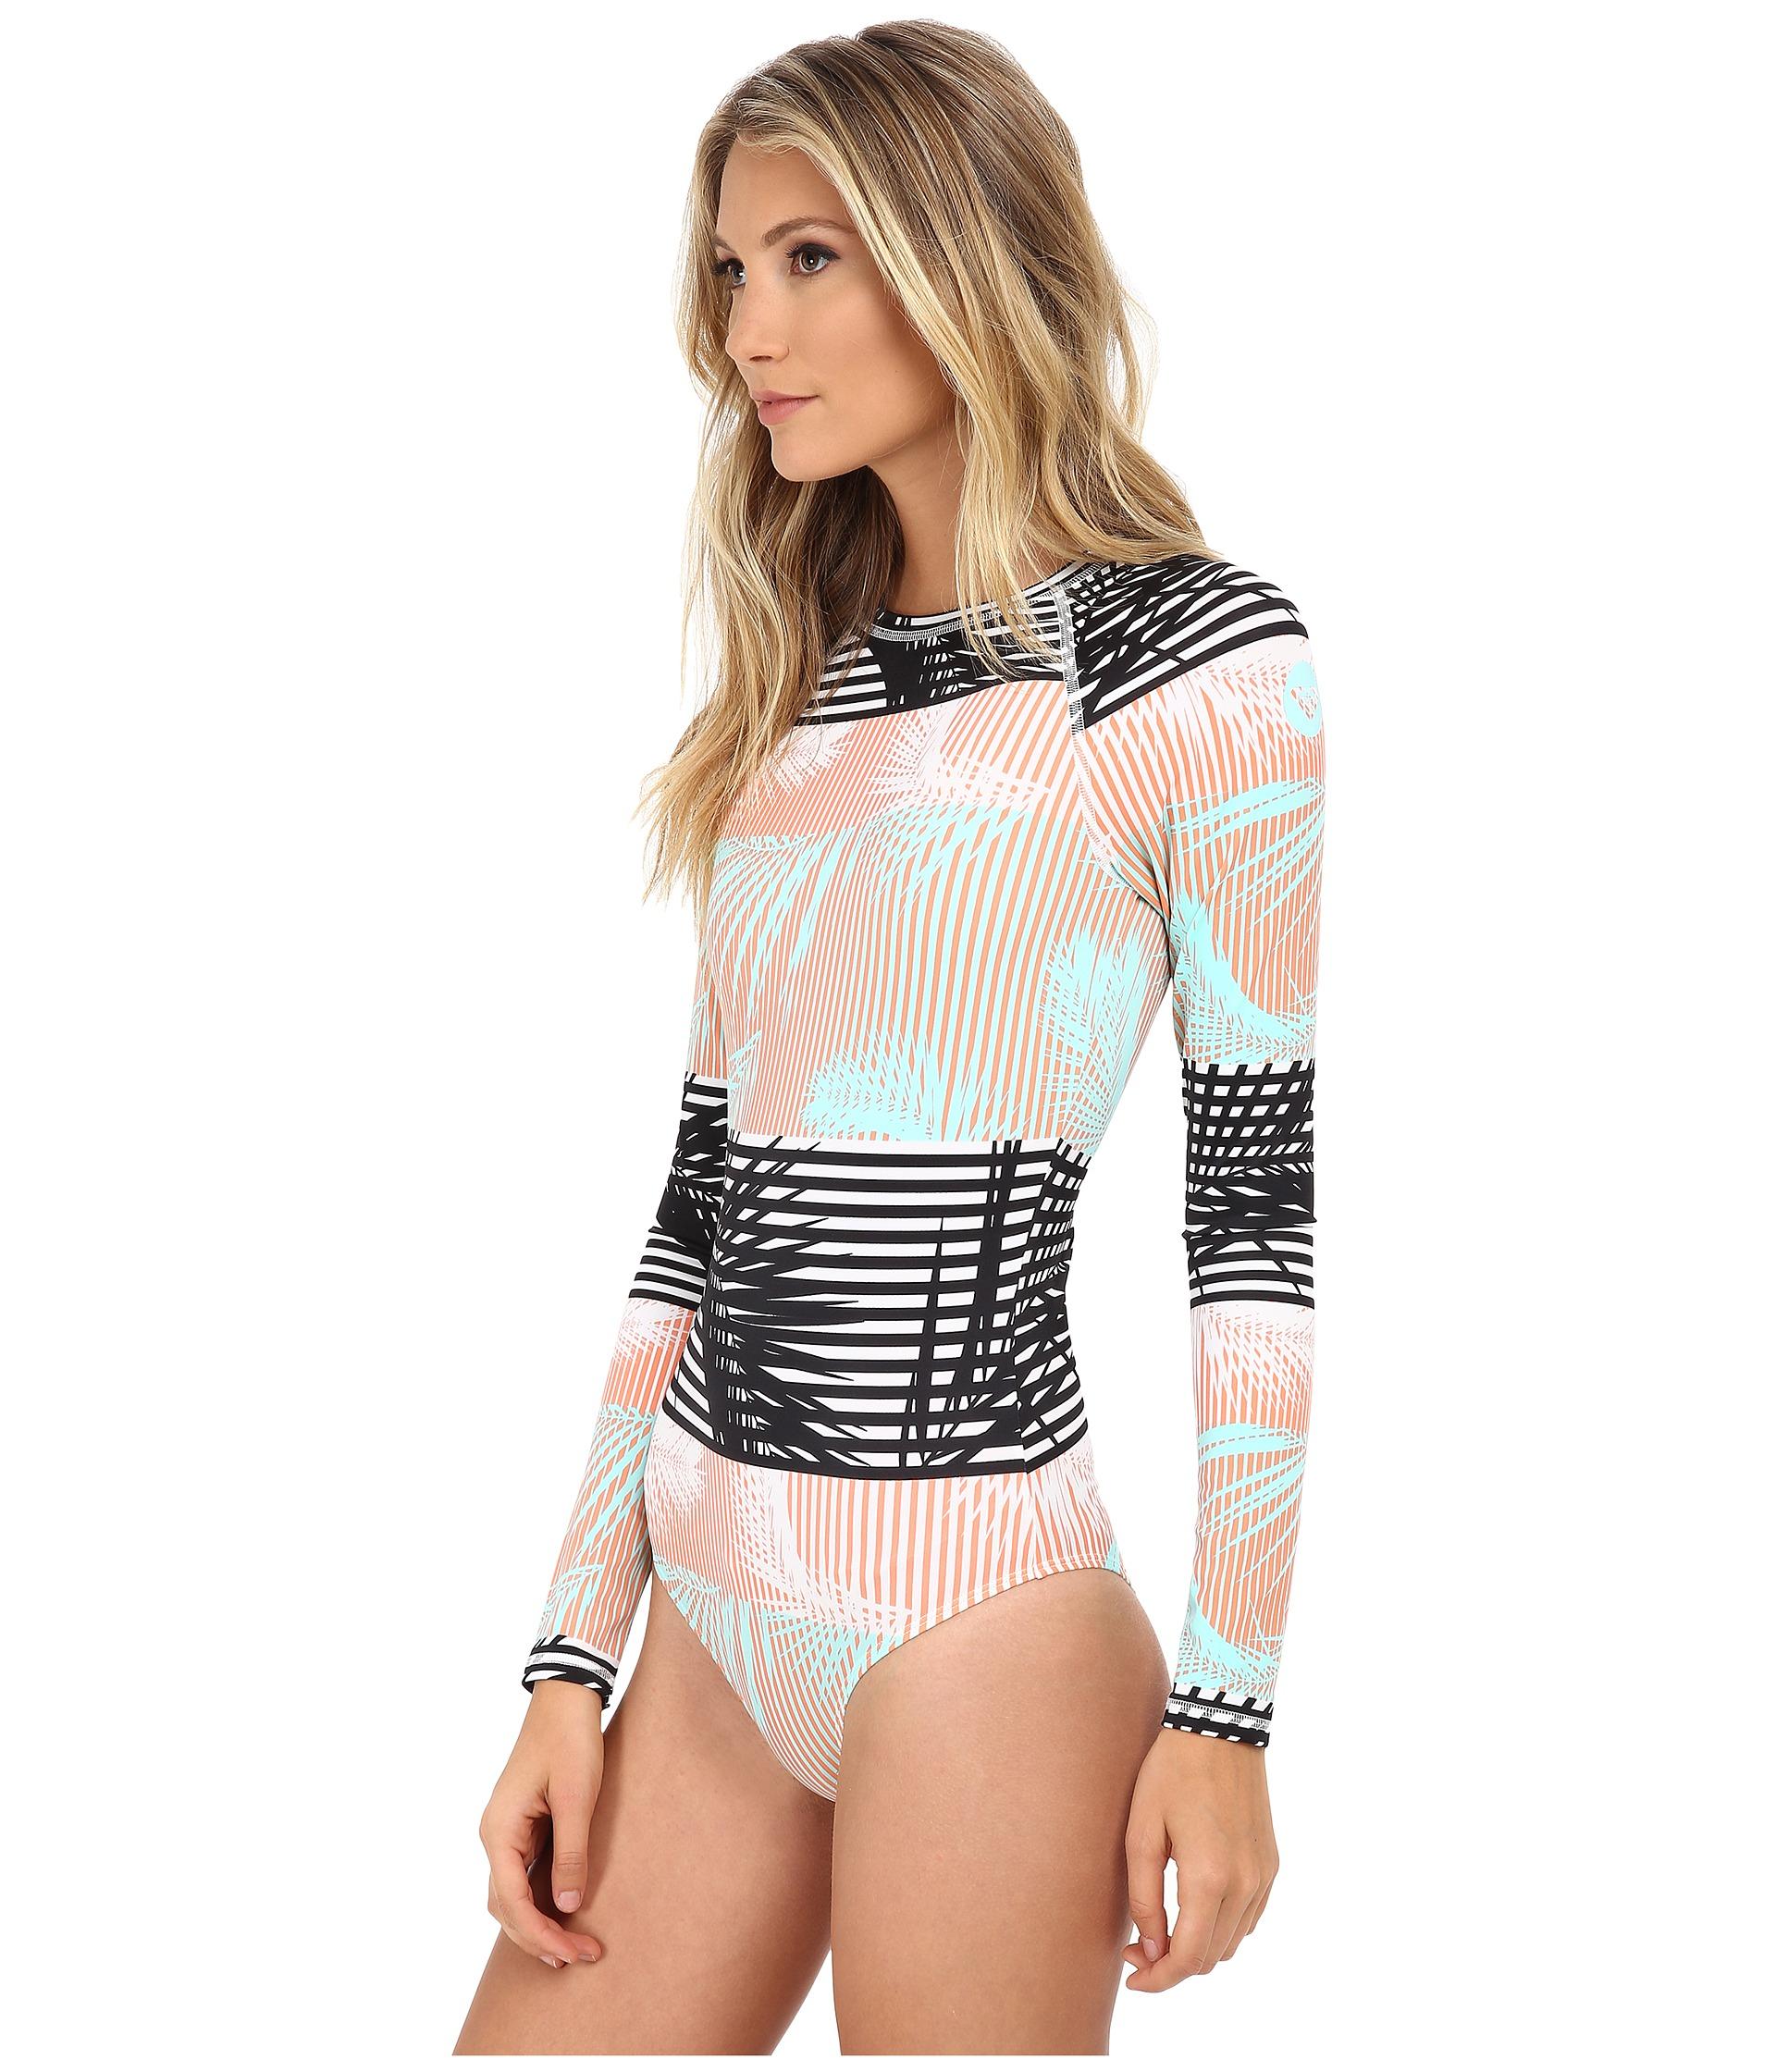 ba70734028ed7 Roxy Pop Surf Long Sleeve One-piece in Pink - Lyst